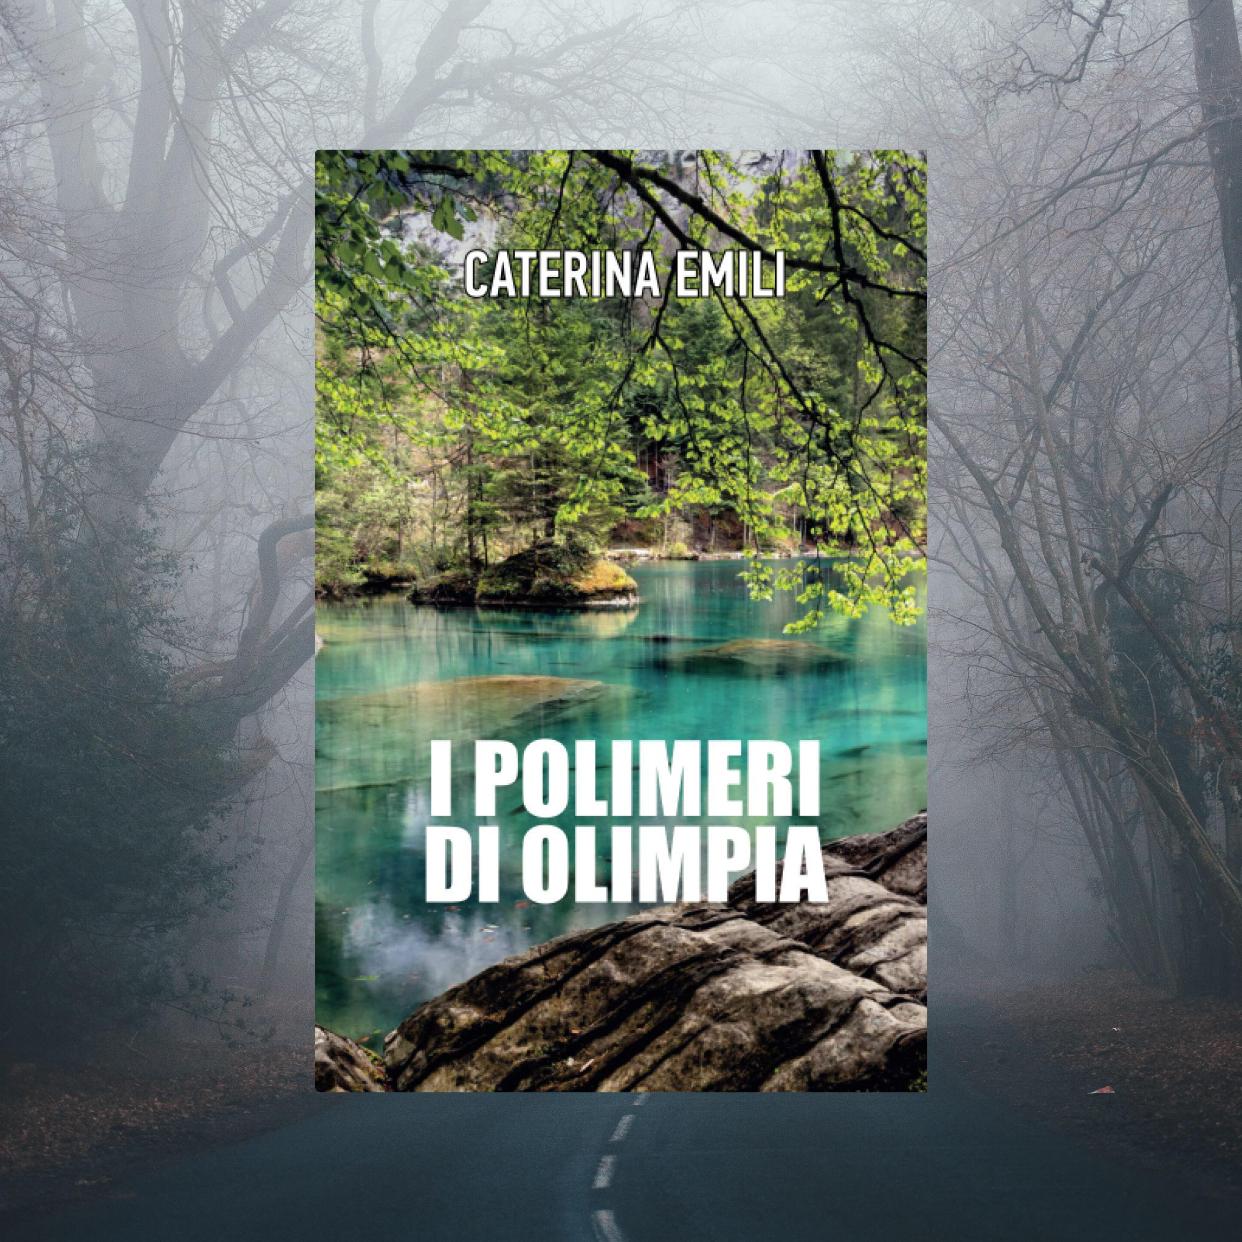 Caterina Emili: I polimeri di Olimpia